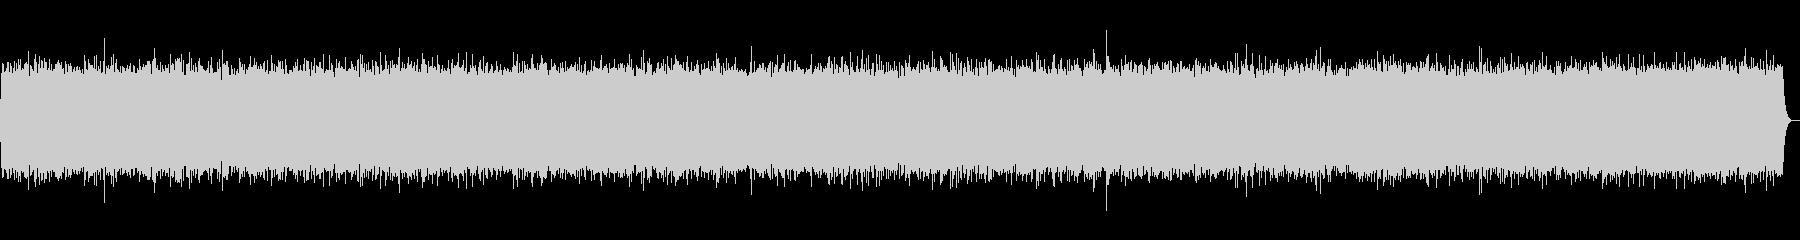 河川敷の音2(川の音、少し強め)の未再生の波形